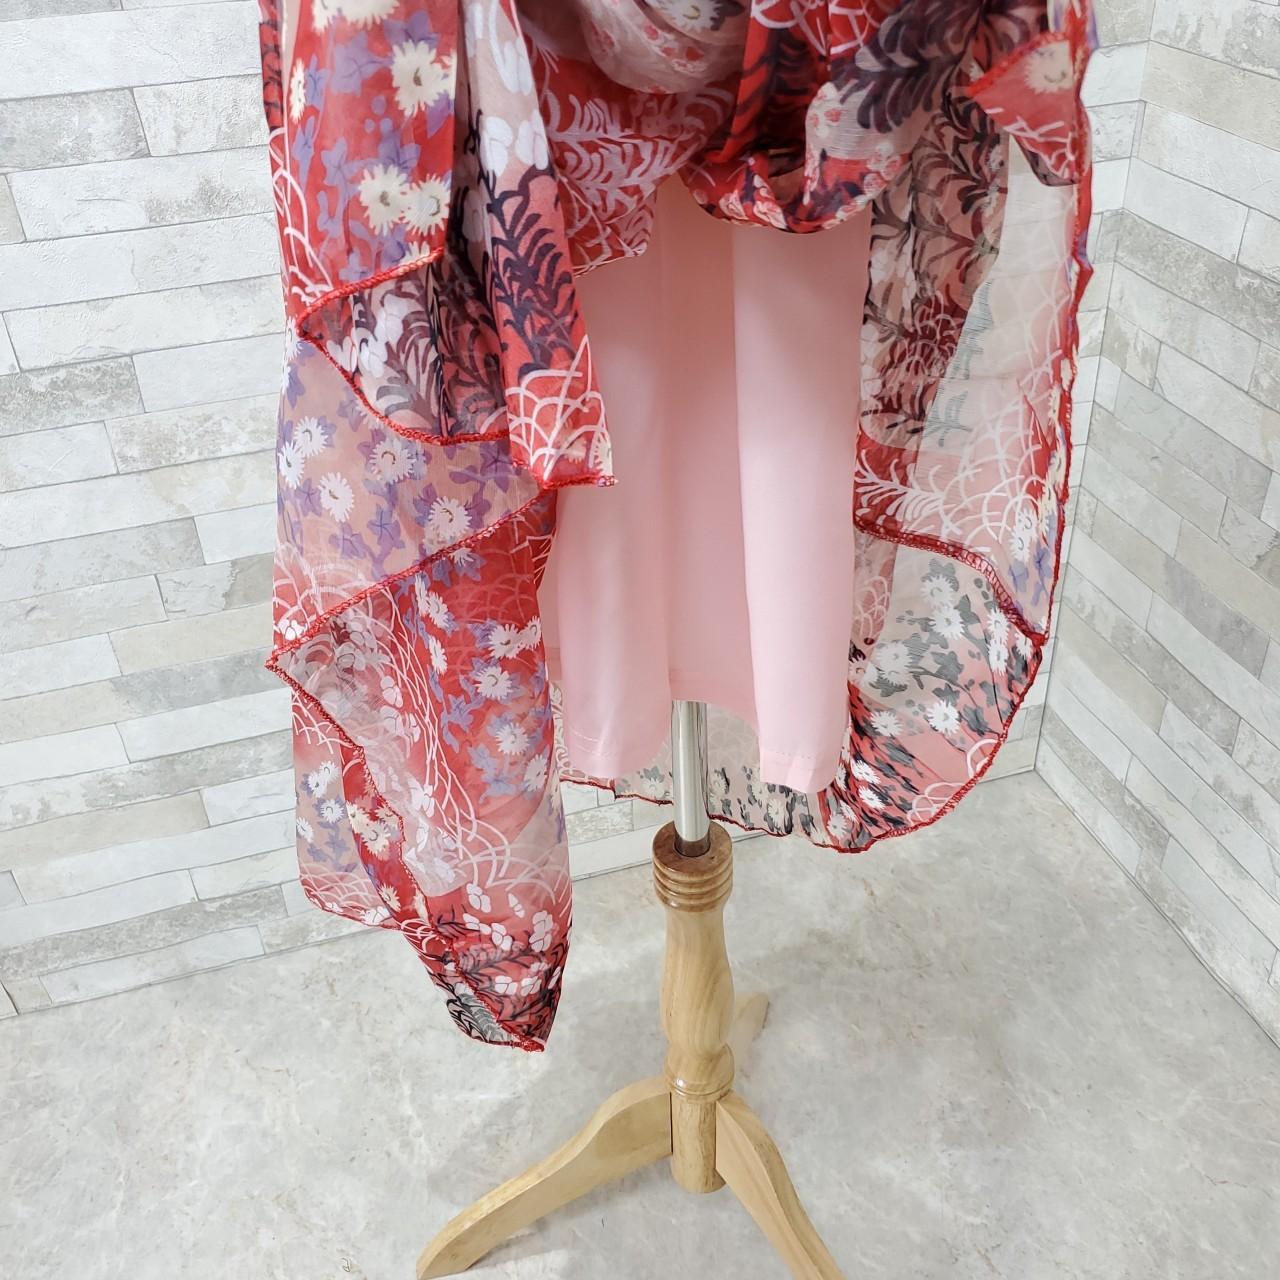 韓国 ファッション ワンピース 春 夏 カジュアル PTXH964  シアー オフショルダー風 フレアトップ 肩見せ オルチャン シンプル 定番 セレカジの写真11枚目